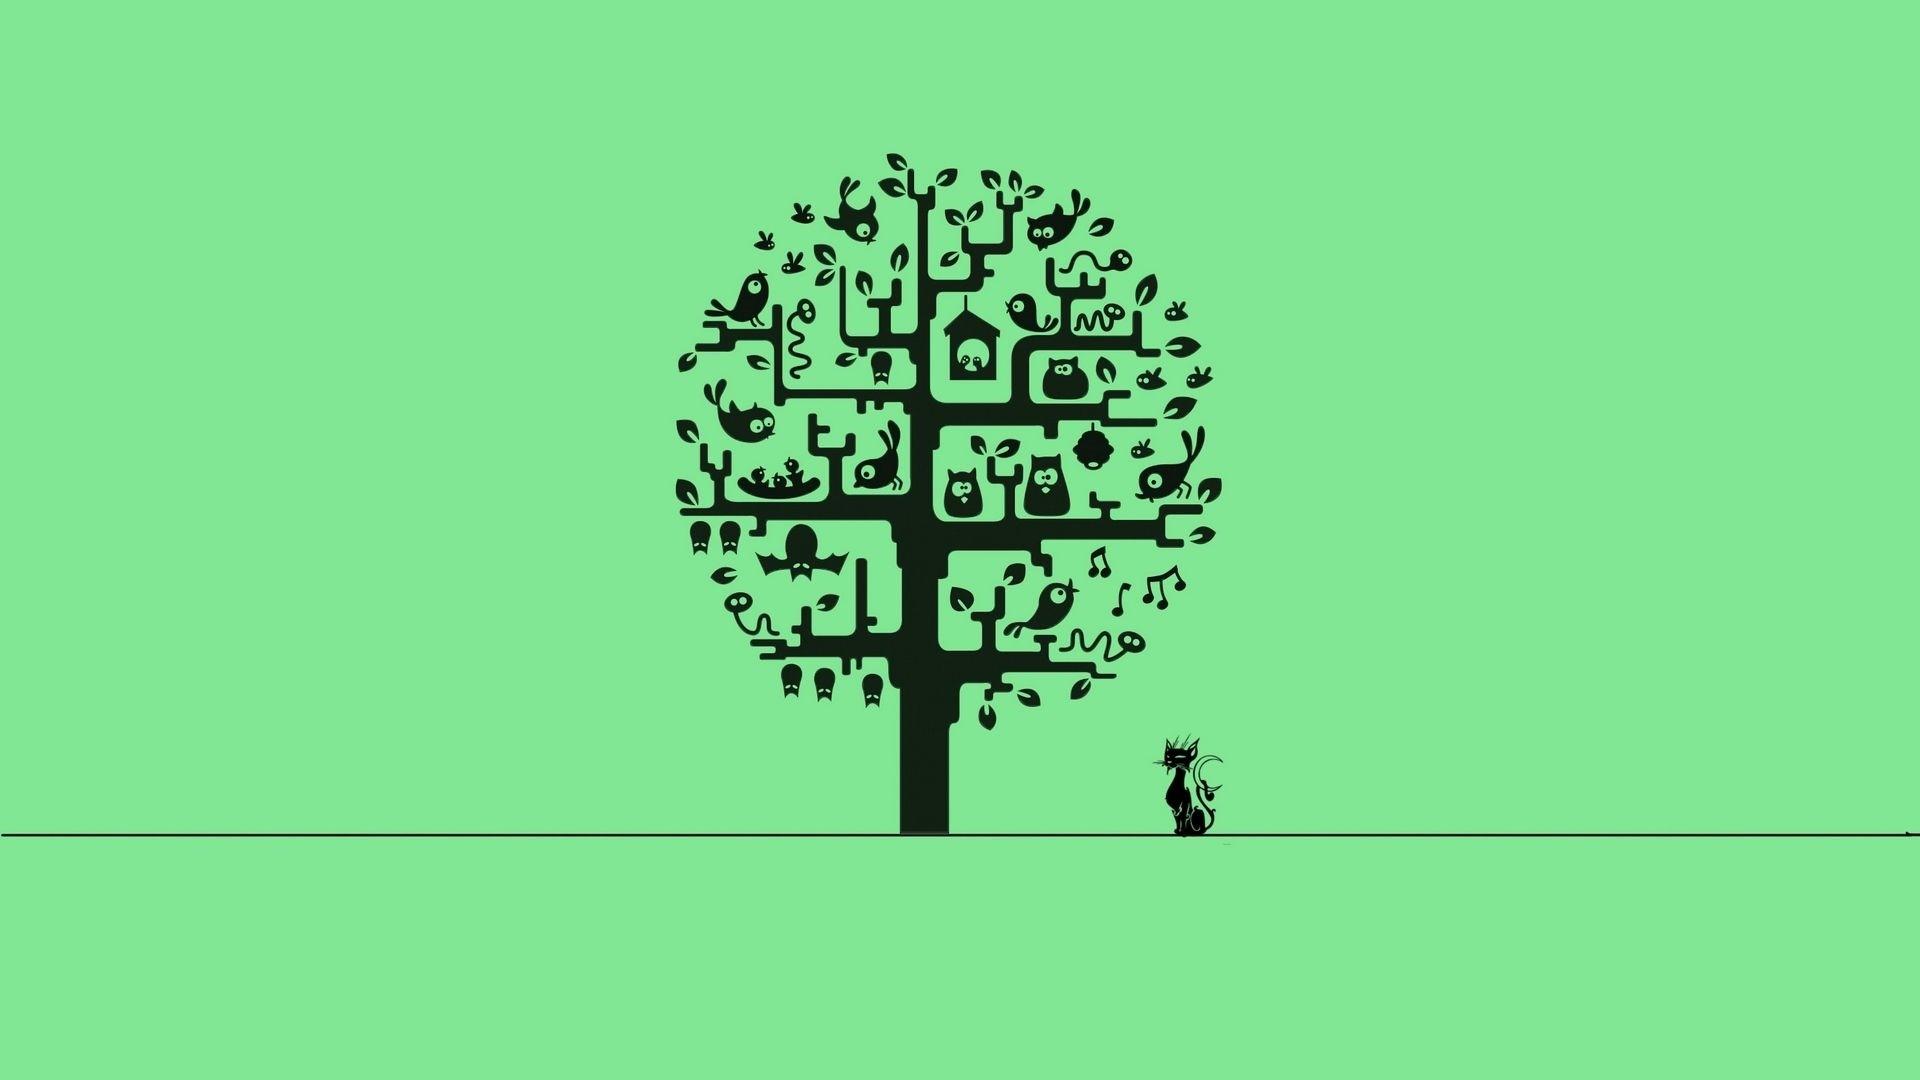 Tree Minimalist Wallpaper